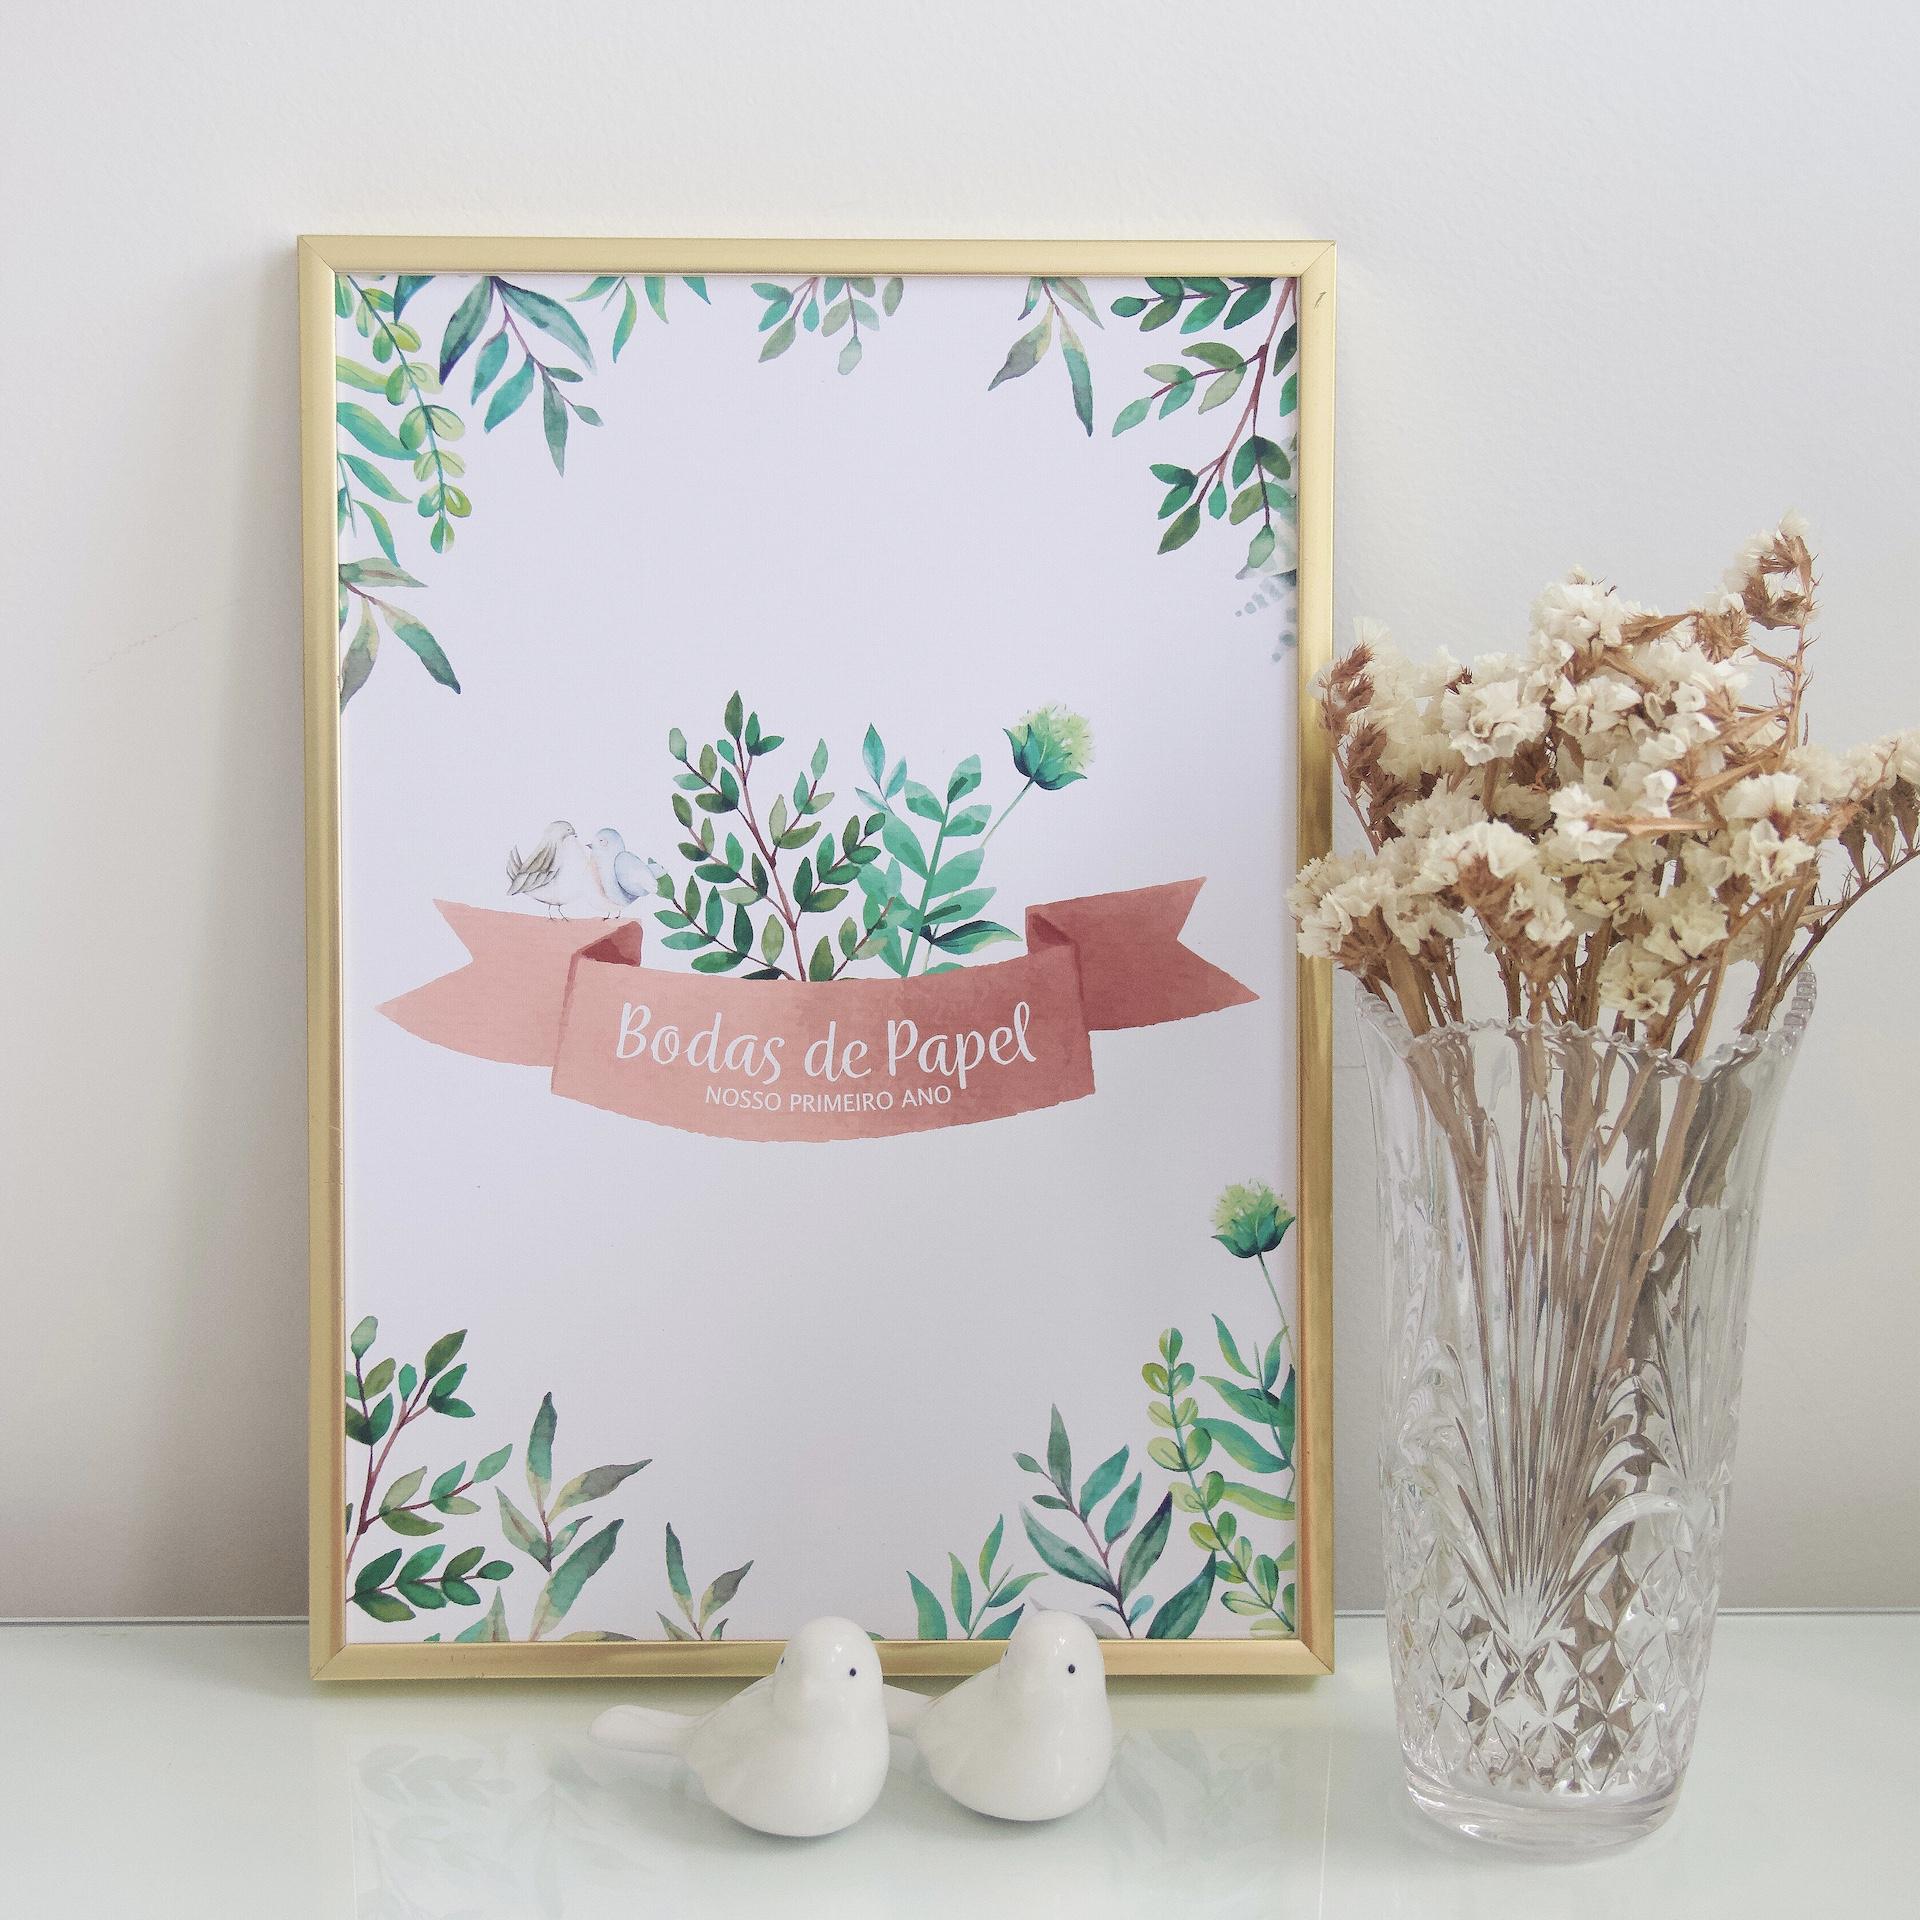 bodas de papel como decorar jantar